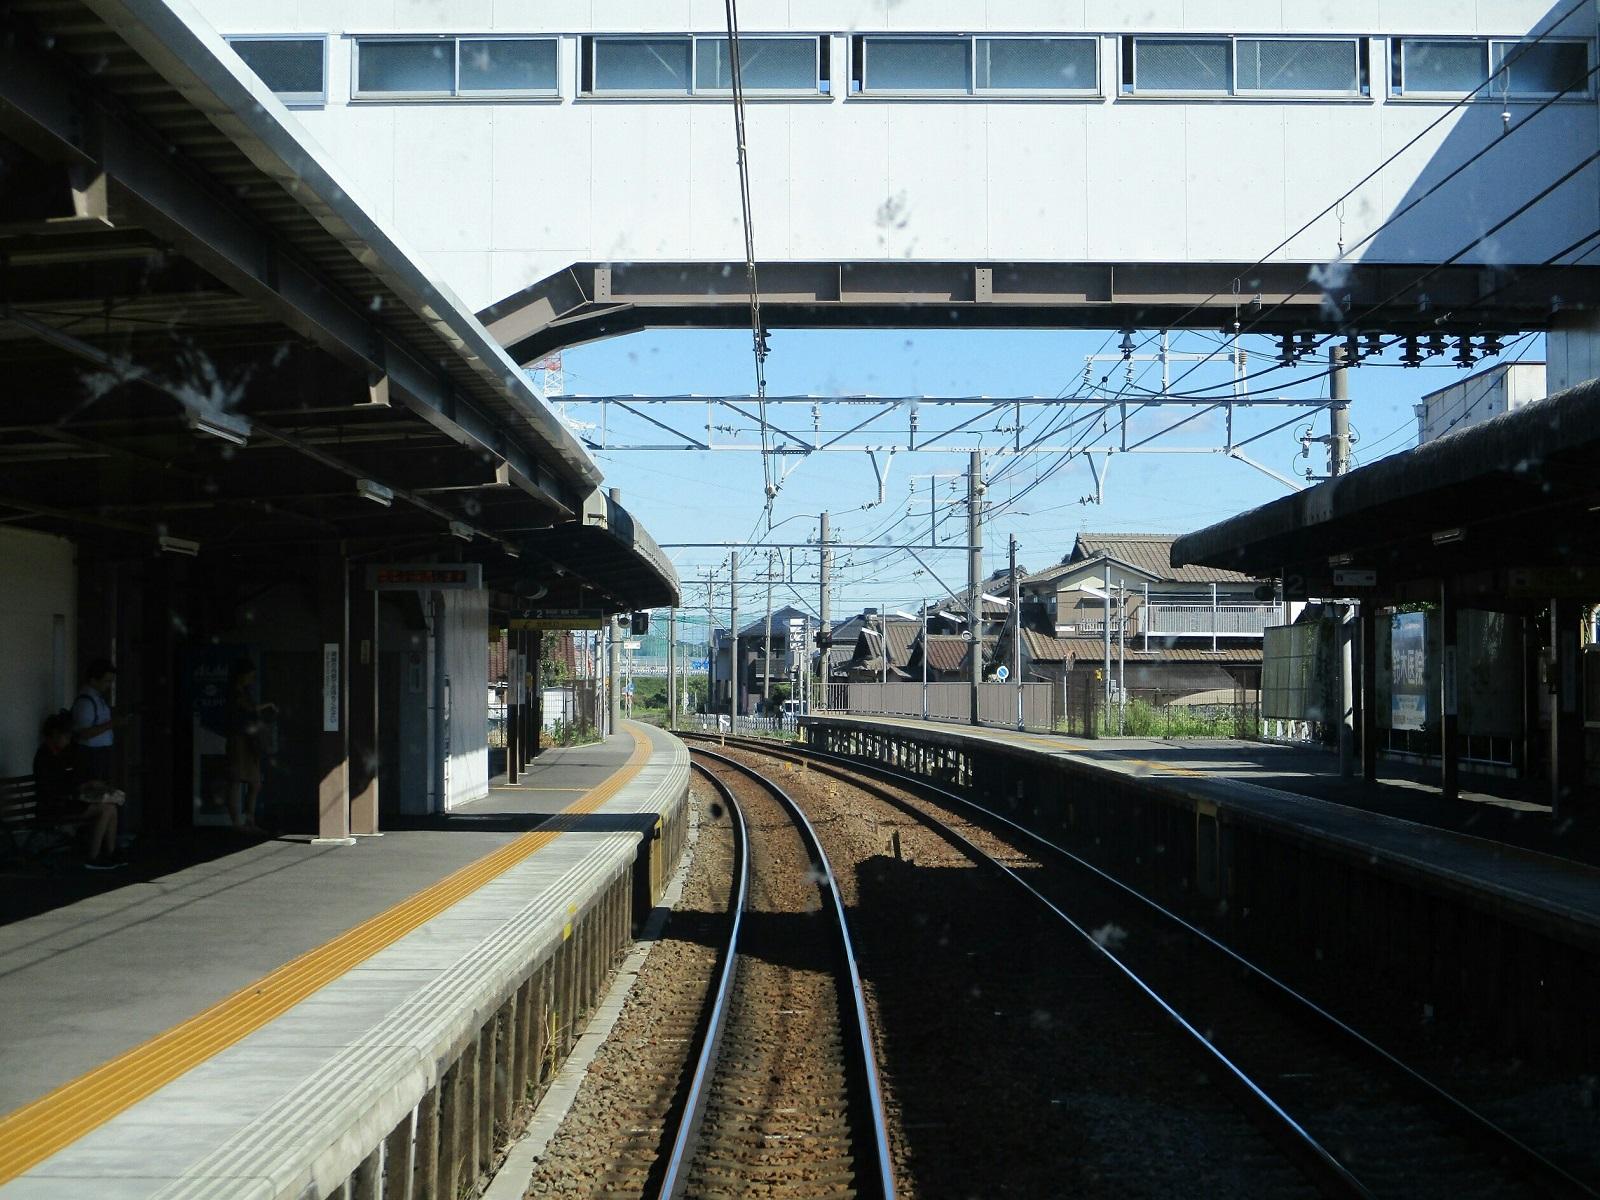 2018.8.9 (11) 須ヶ口いき特急 - 富士松 1600-1200